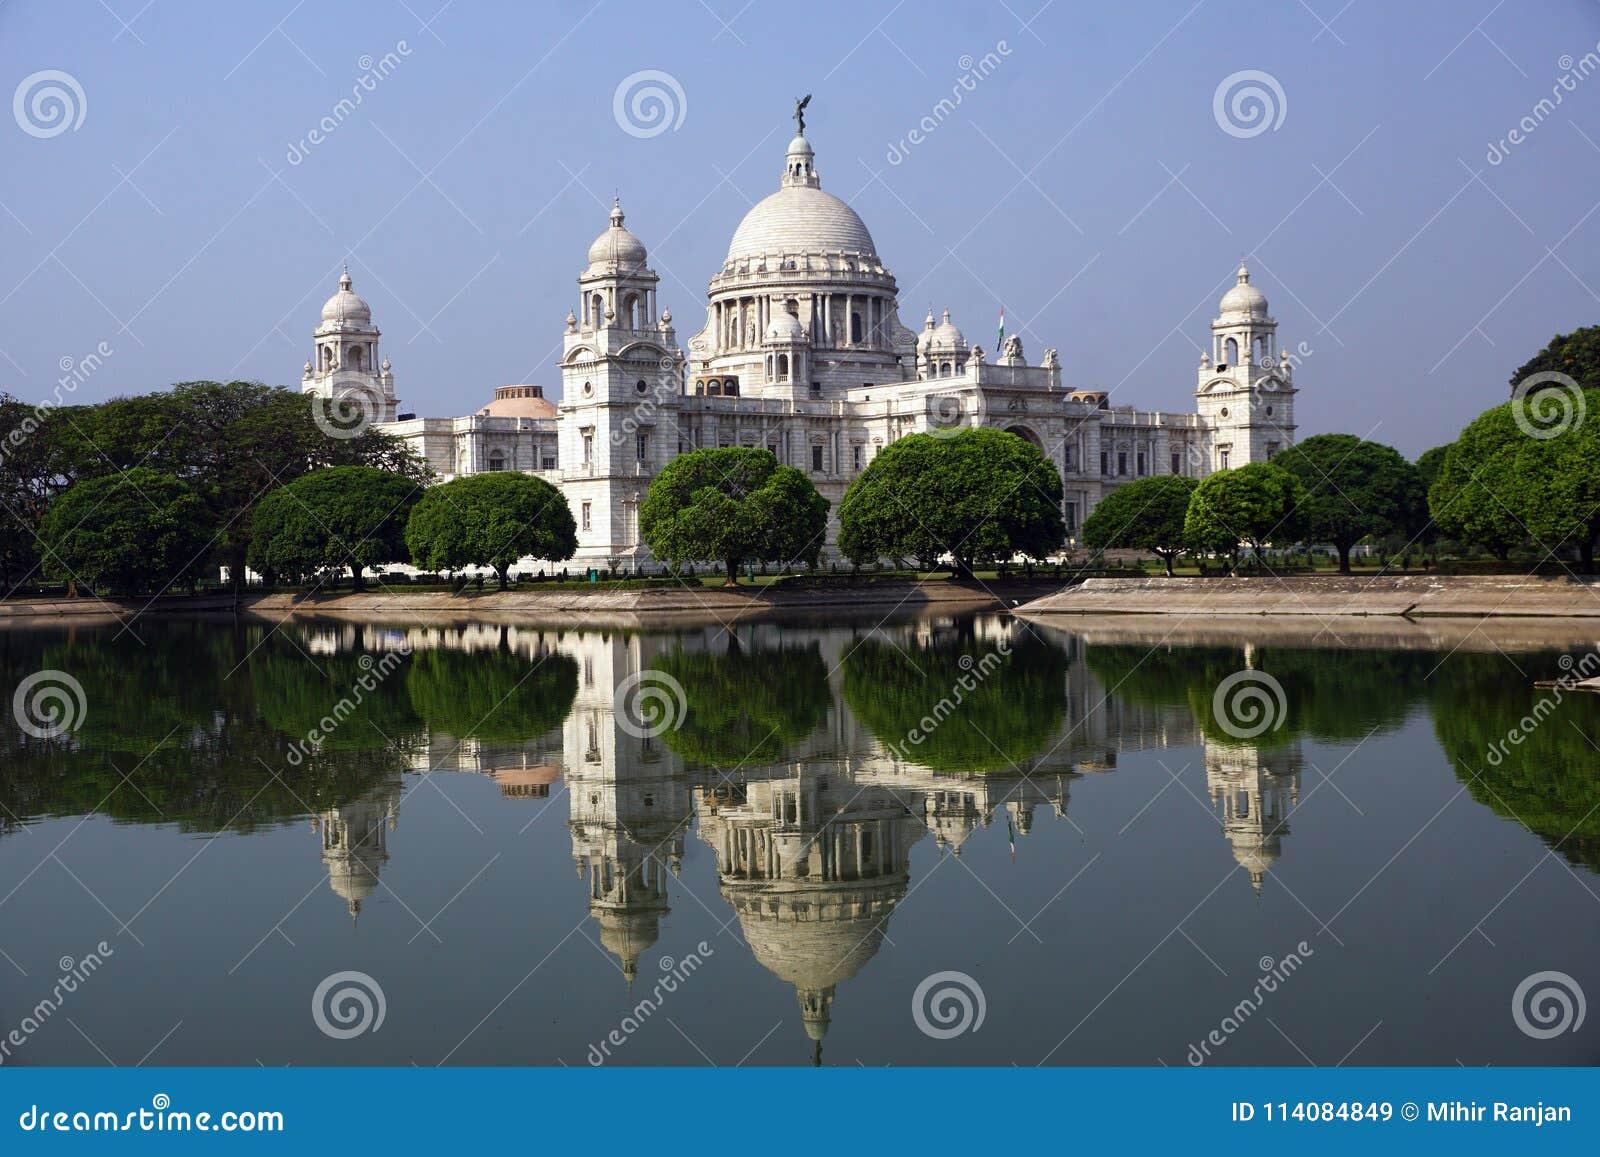 La belleza de Victoria Memorial y de su reflexión, Kolkata